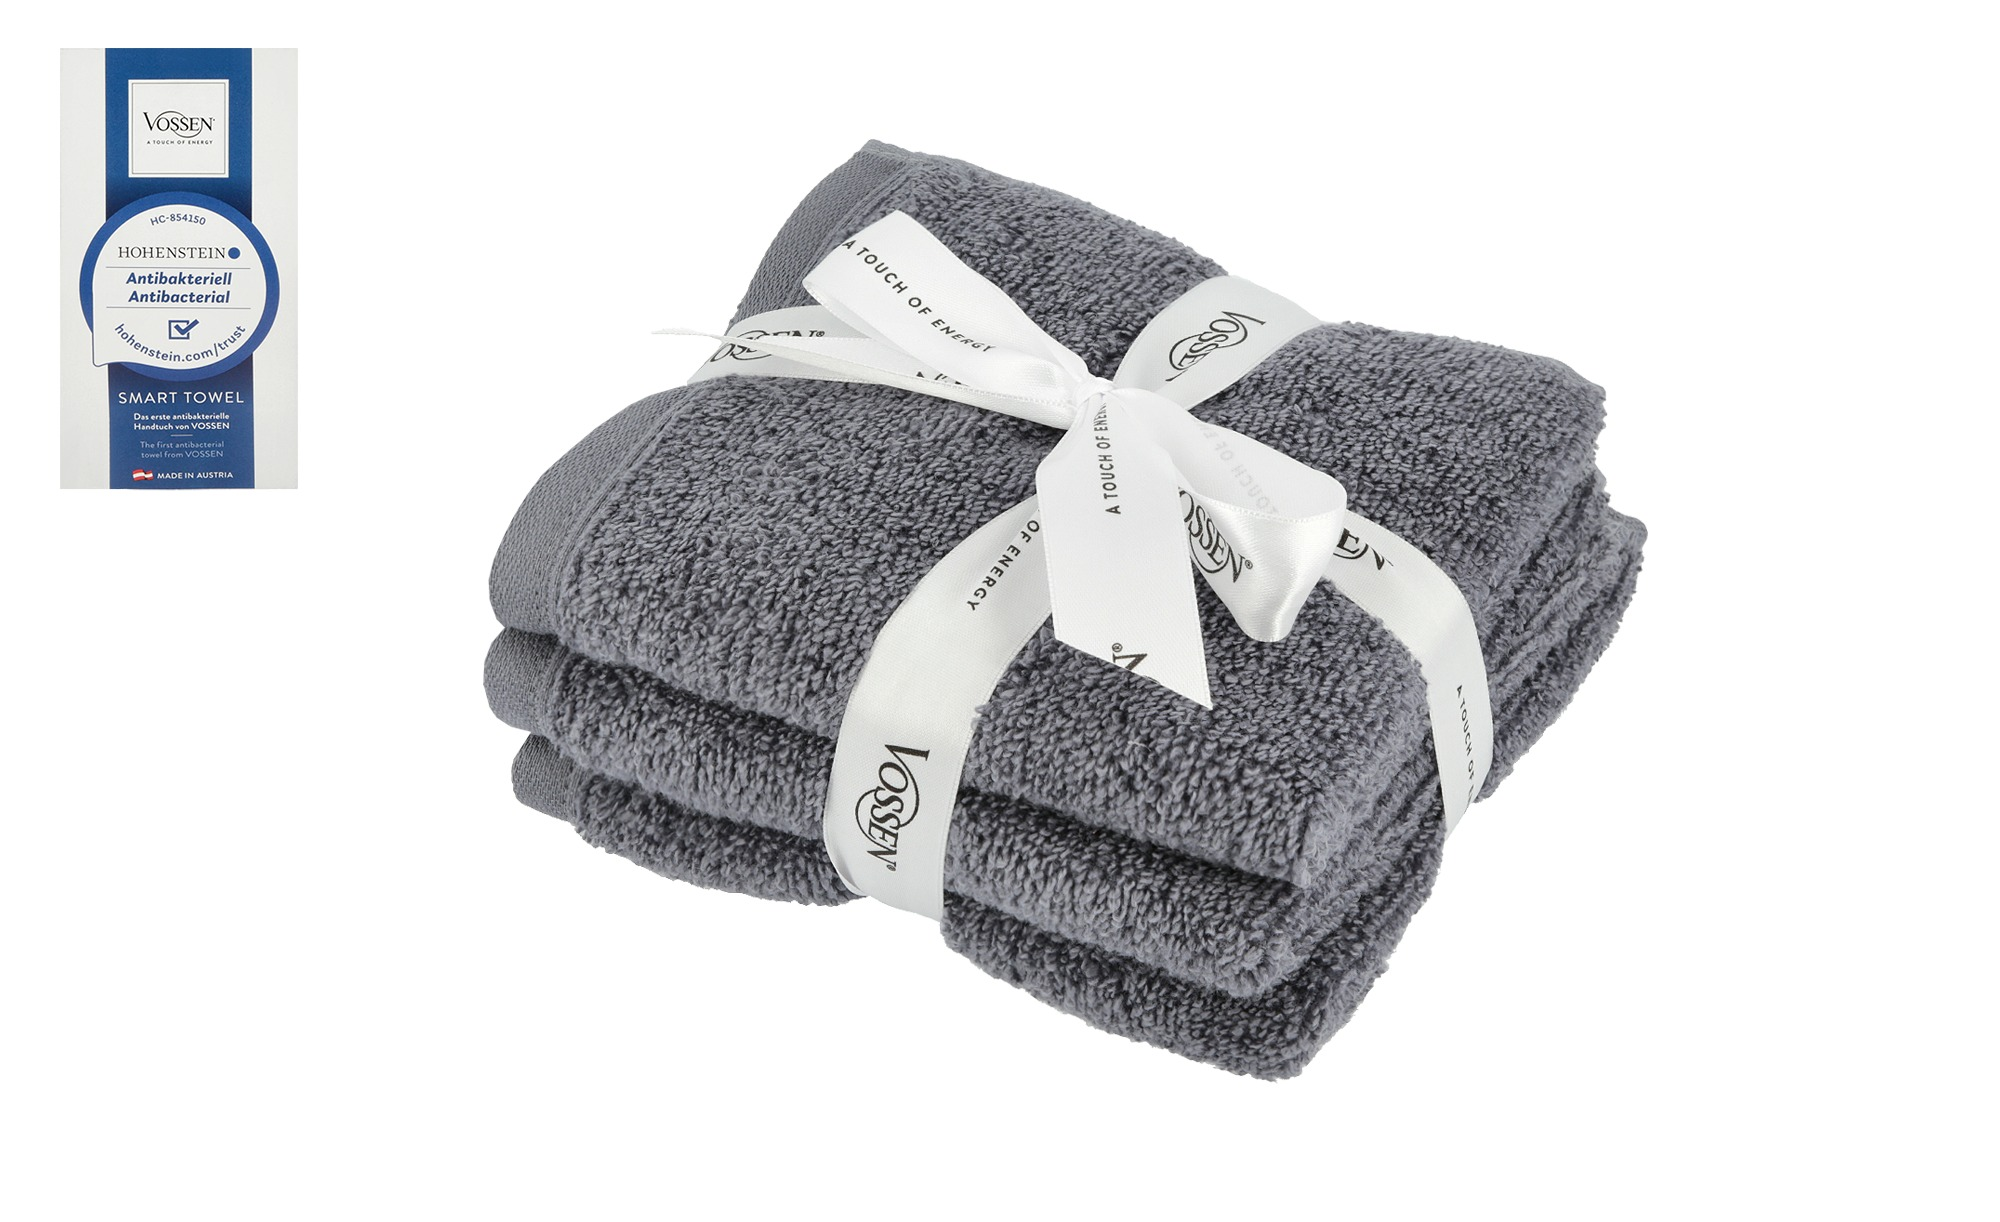 VOSSEN Gästetuch, 3er-Set  Smart Towel ¦ grau ¦ 100% Baumwolle Badtextilien und Zubehör > Handtücher & Badetücher > Gästetücher - Höffner